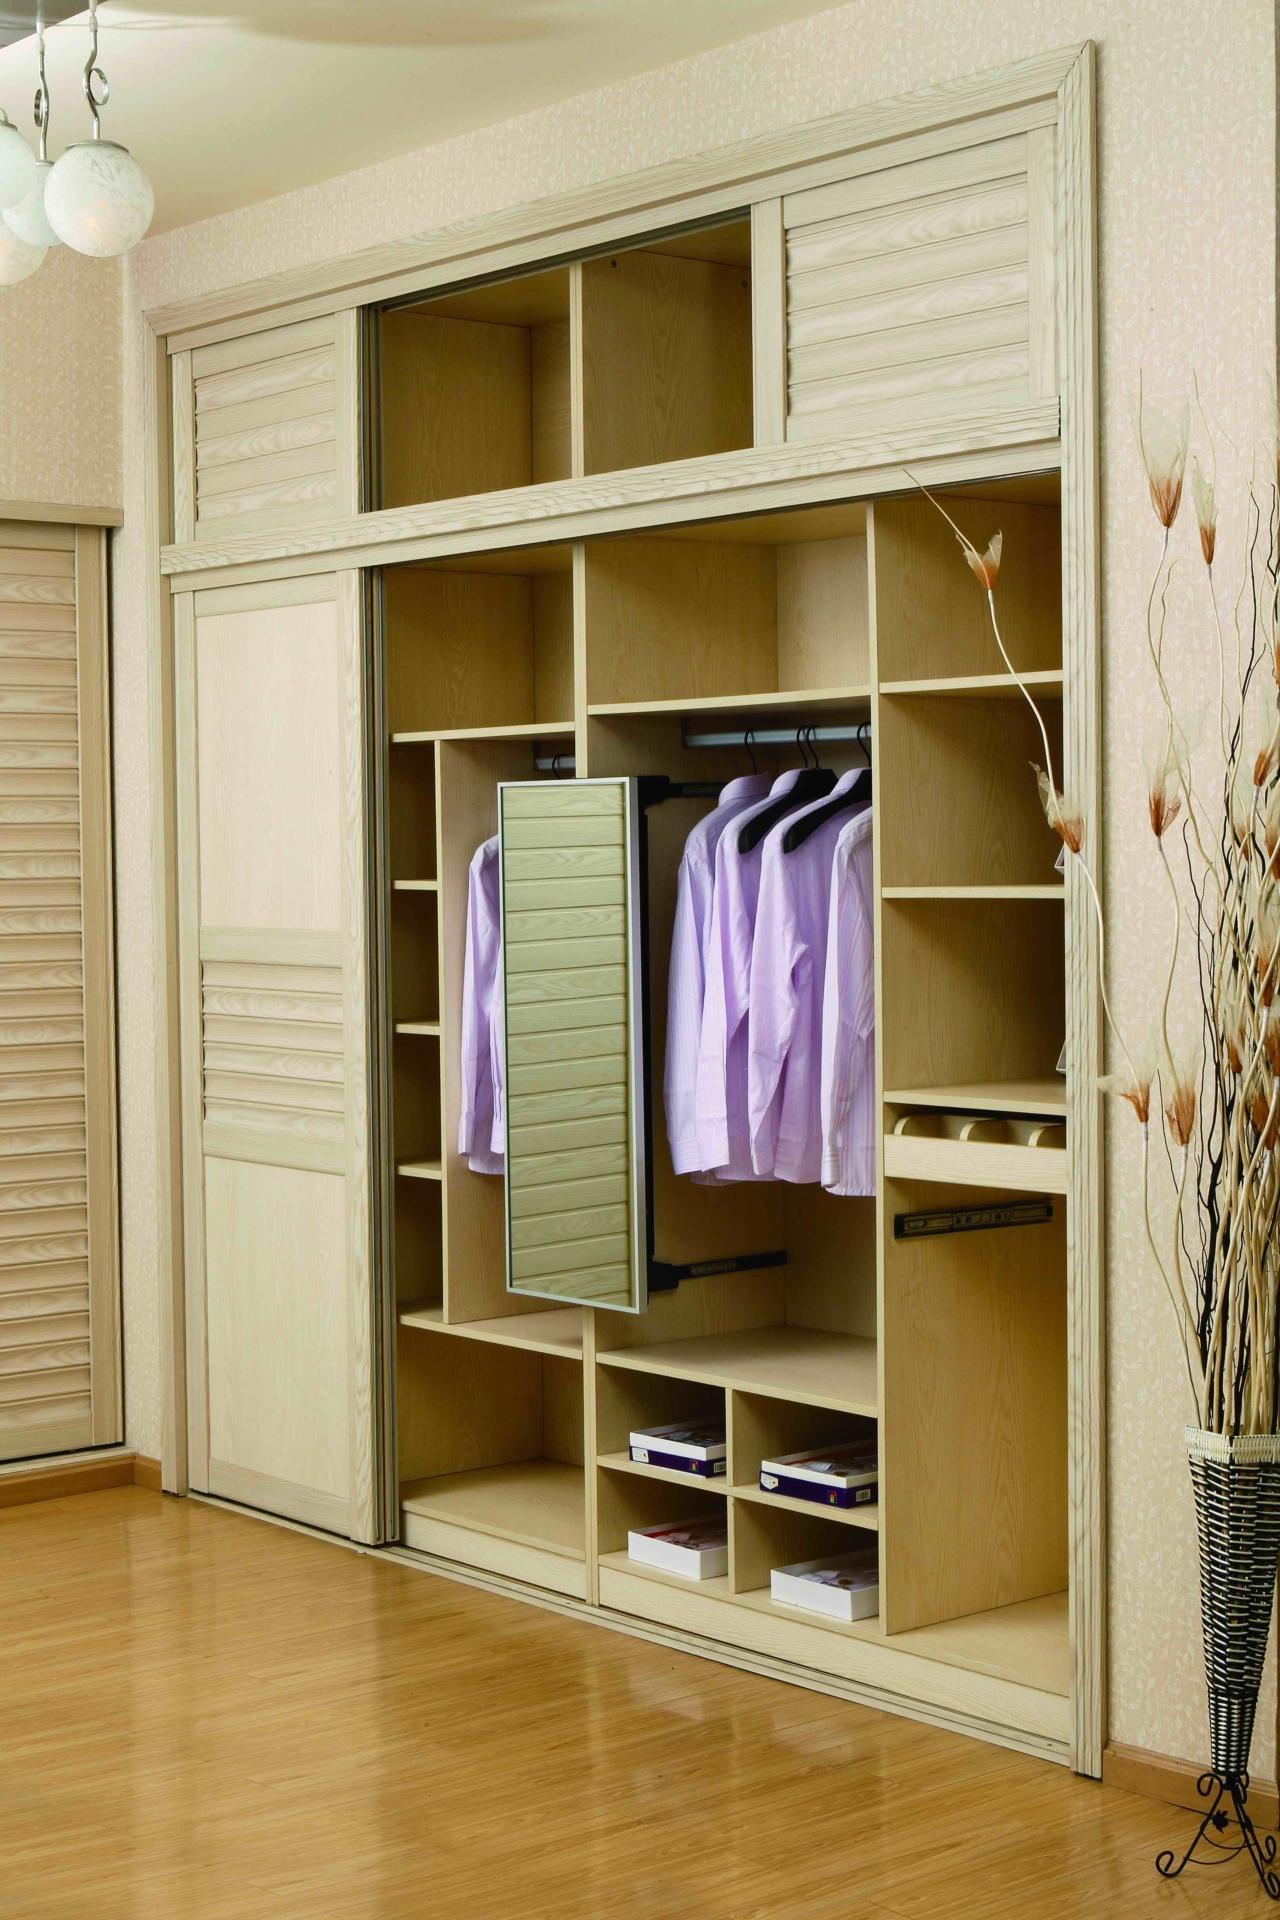 木工衣柜:采用木工板制作